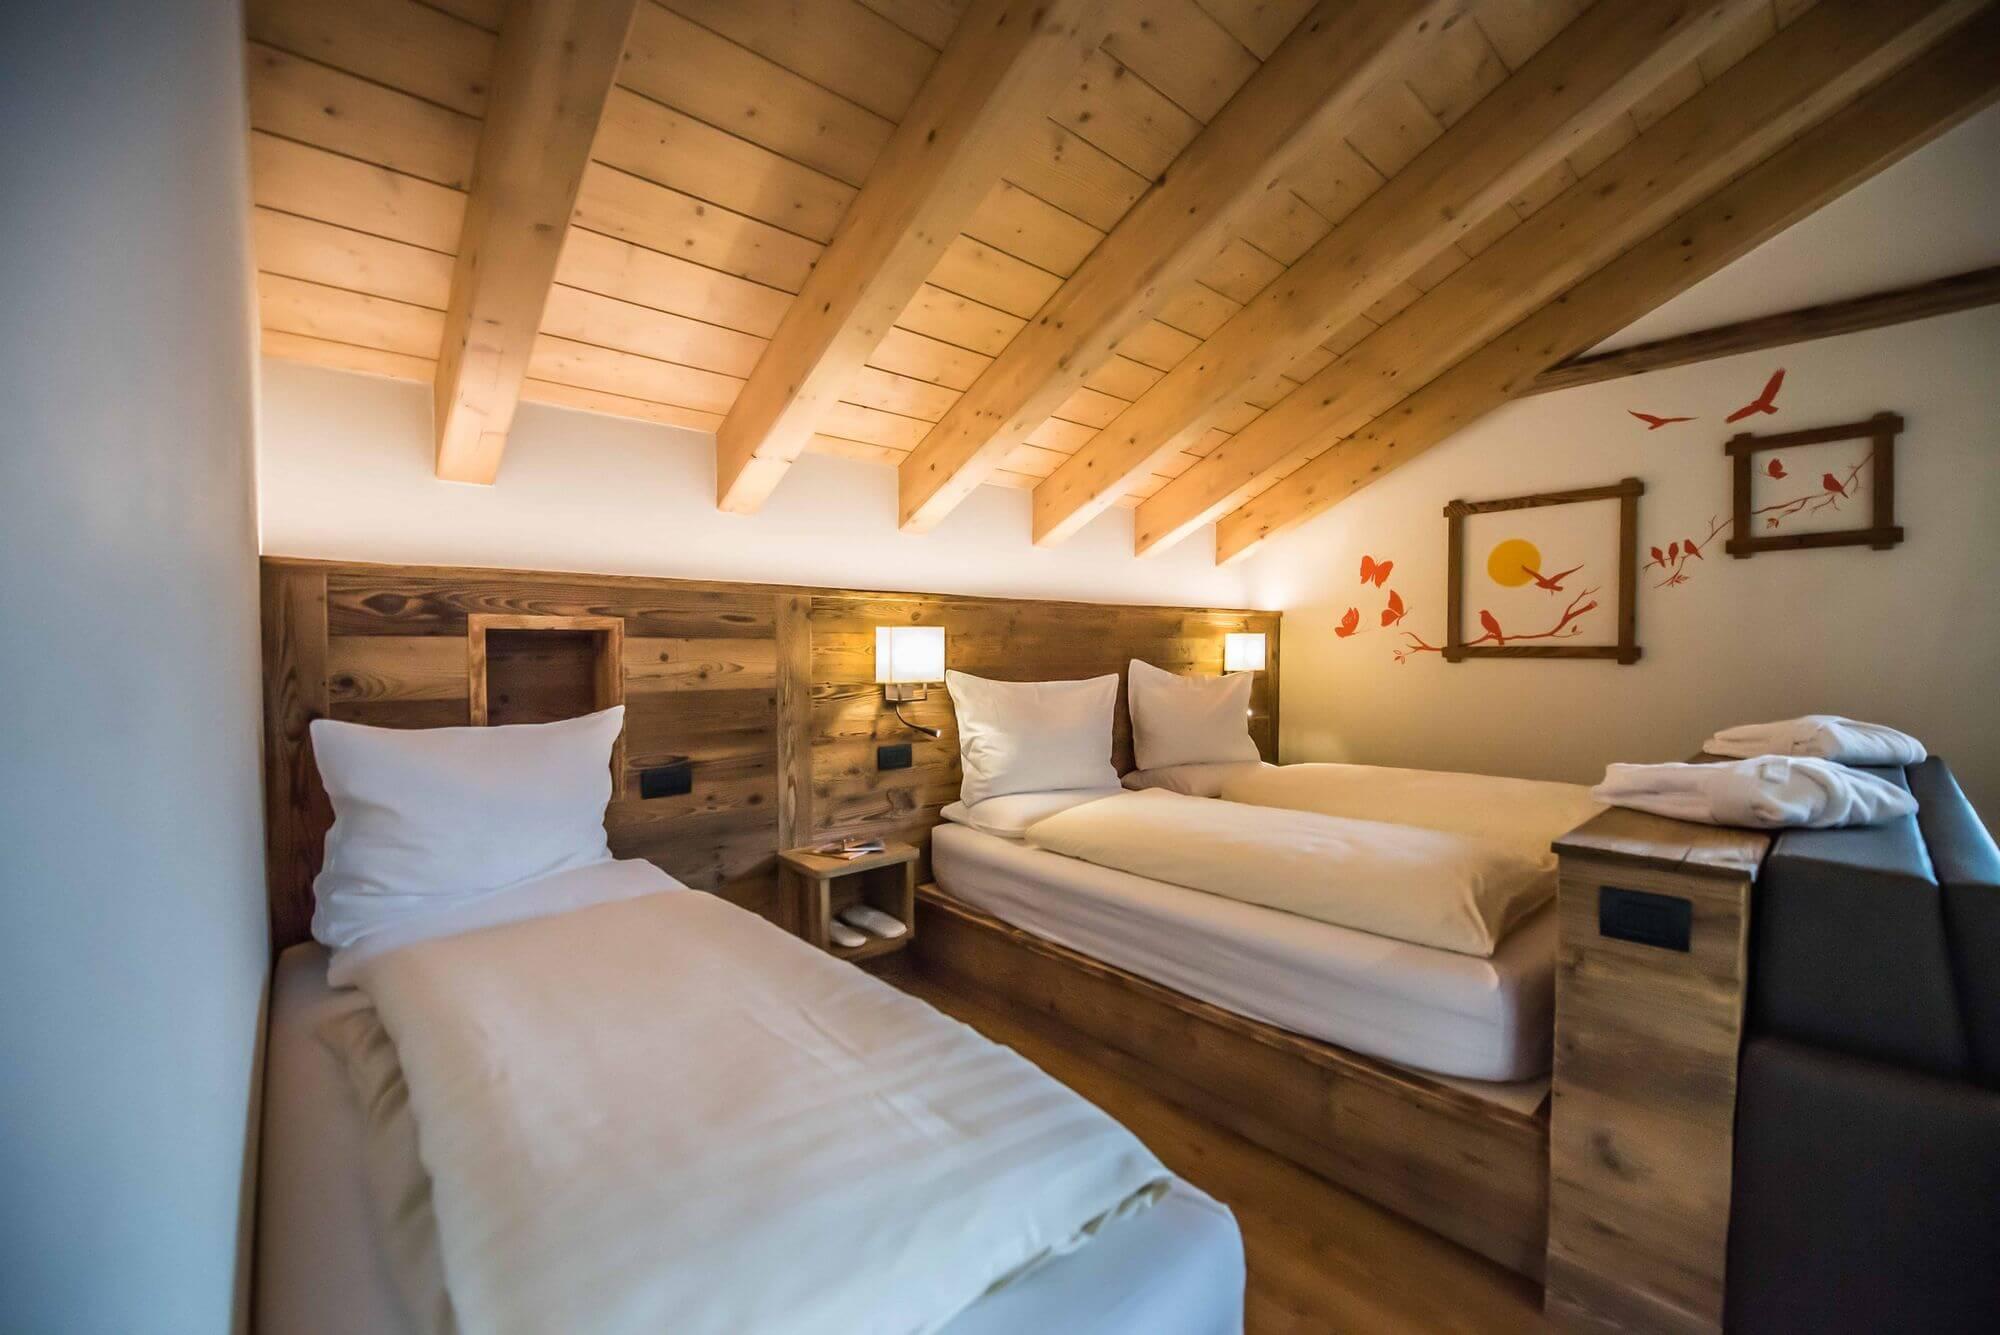 Suite alpina in legno: Hotel Le Alpi a Livigno